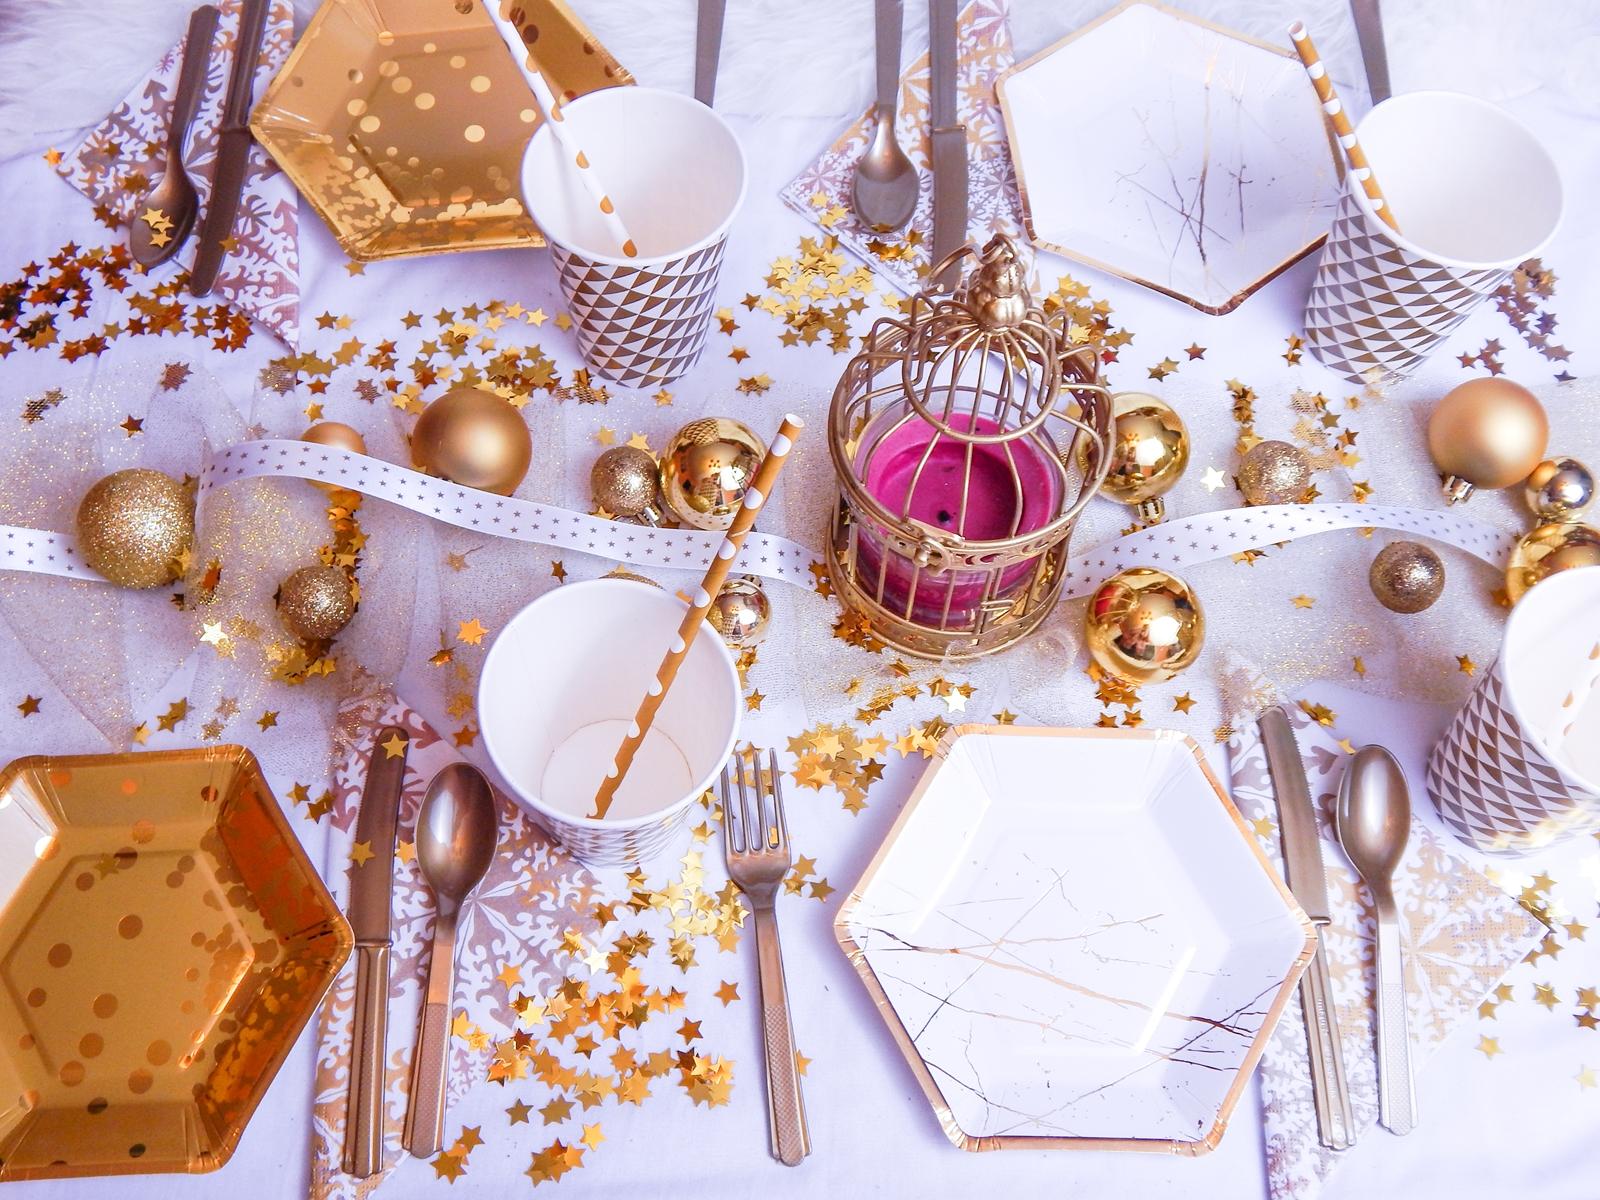 1 NAGŁÓWEK jak udekorować stół na imprezę dekoracja stołu karnawałowego świątecznego weselnego urodzinowego dekoracje dodatki partybox.pl partybox sklep z dodatkami na imprezy ciekawe gadżety